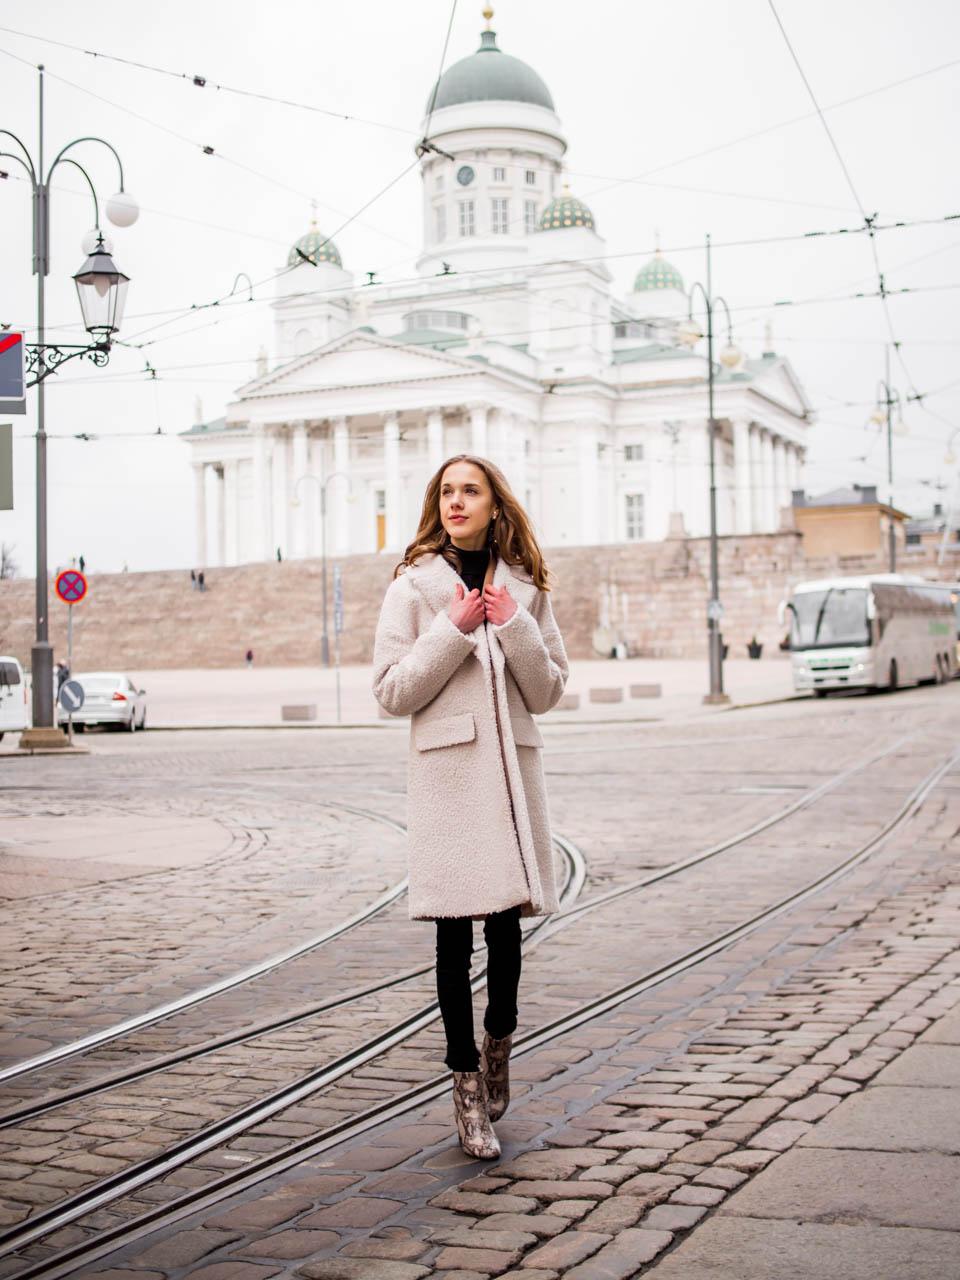 Scandinavian winter fashion inspiration - Talvimuoti, asuinspiraatio, muotibloggaaja, Helsinki